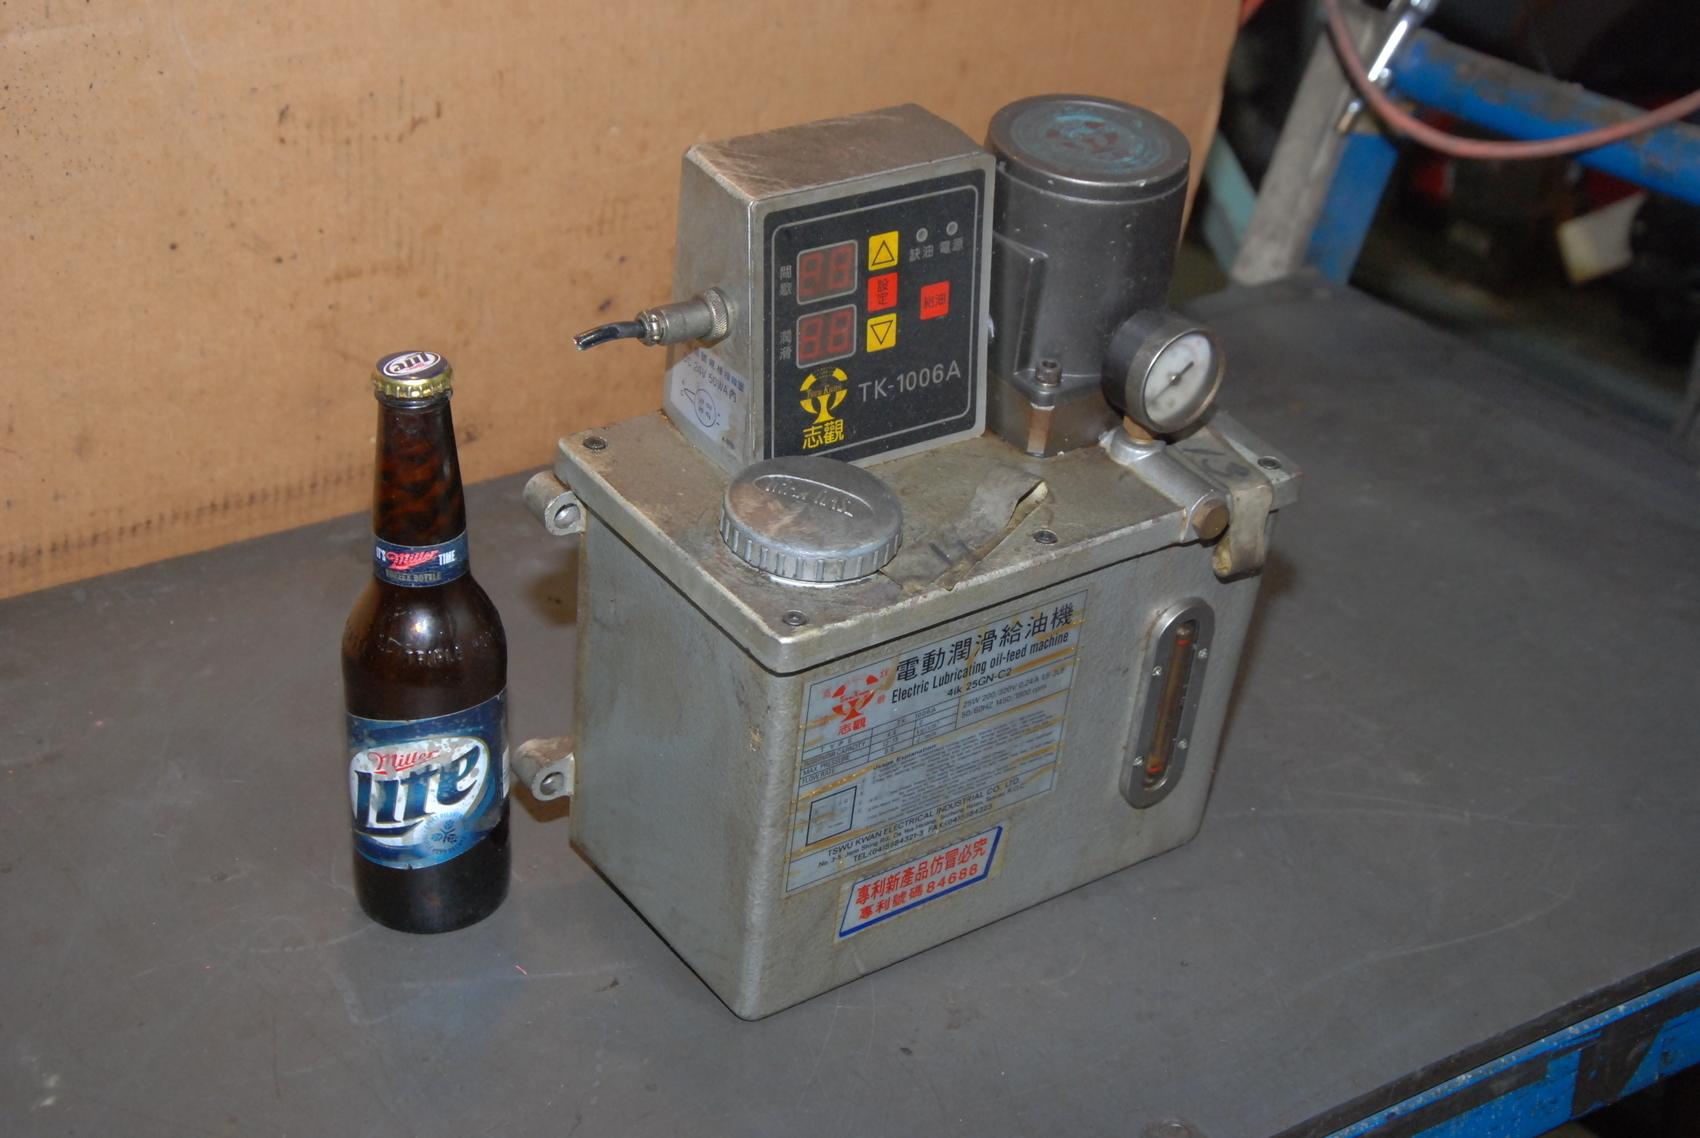 twu kwan pump heavy oil lubrication pump tk-1006a